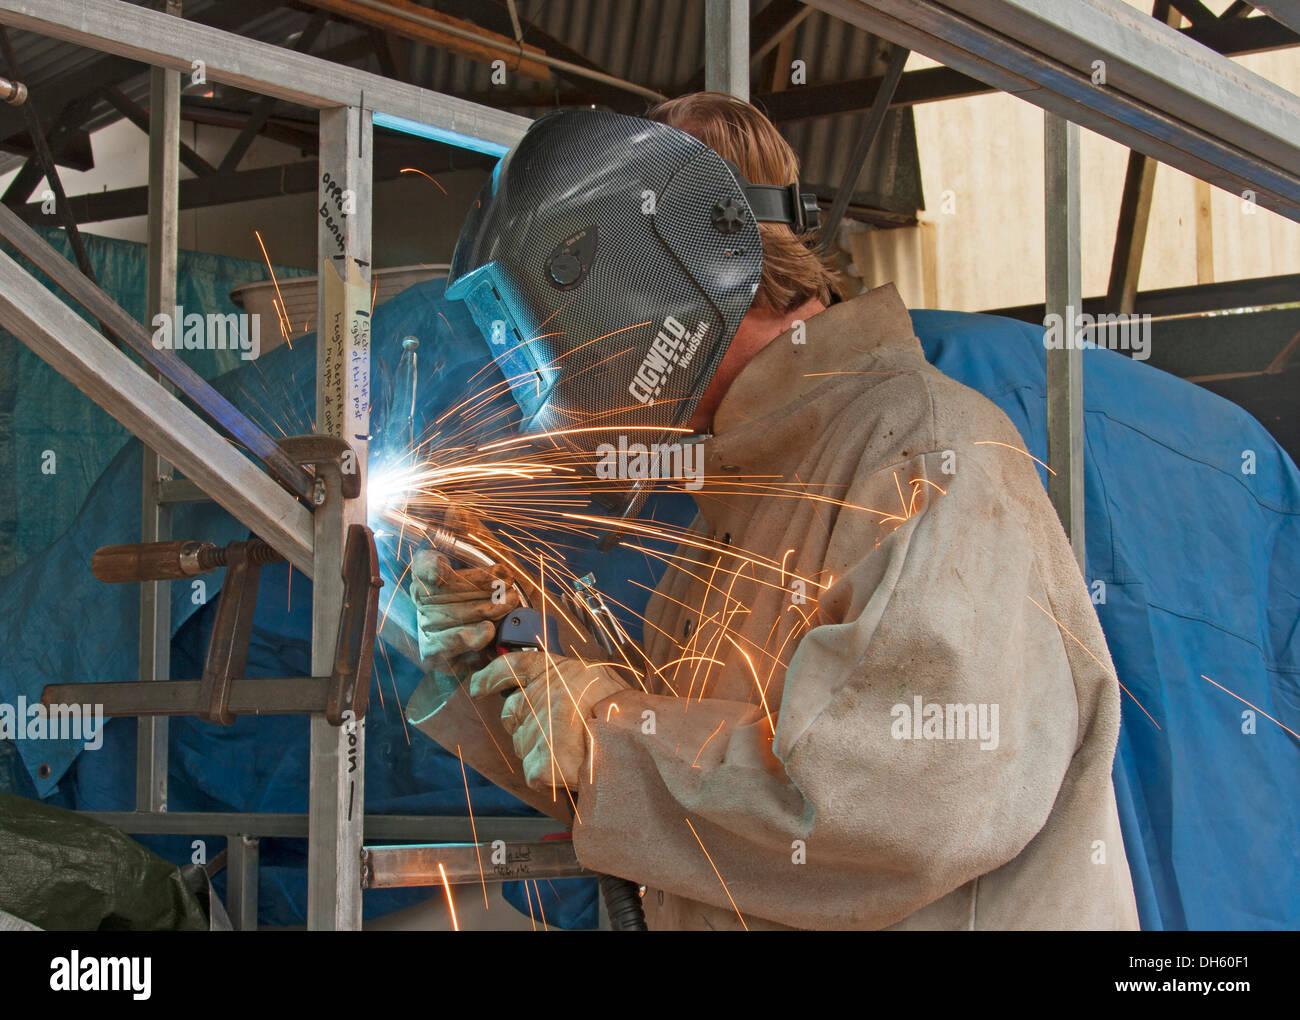 Saldatore di indossare abbigliamento protettivo e casco per saldatura tubo di acciaio quadro con scintille battenti dalla bacchetta di saldatura Immagini Stock